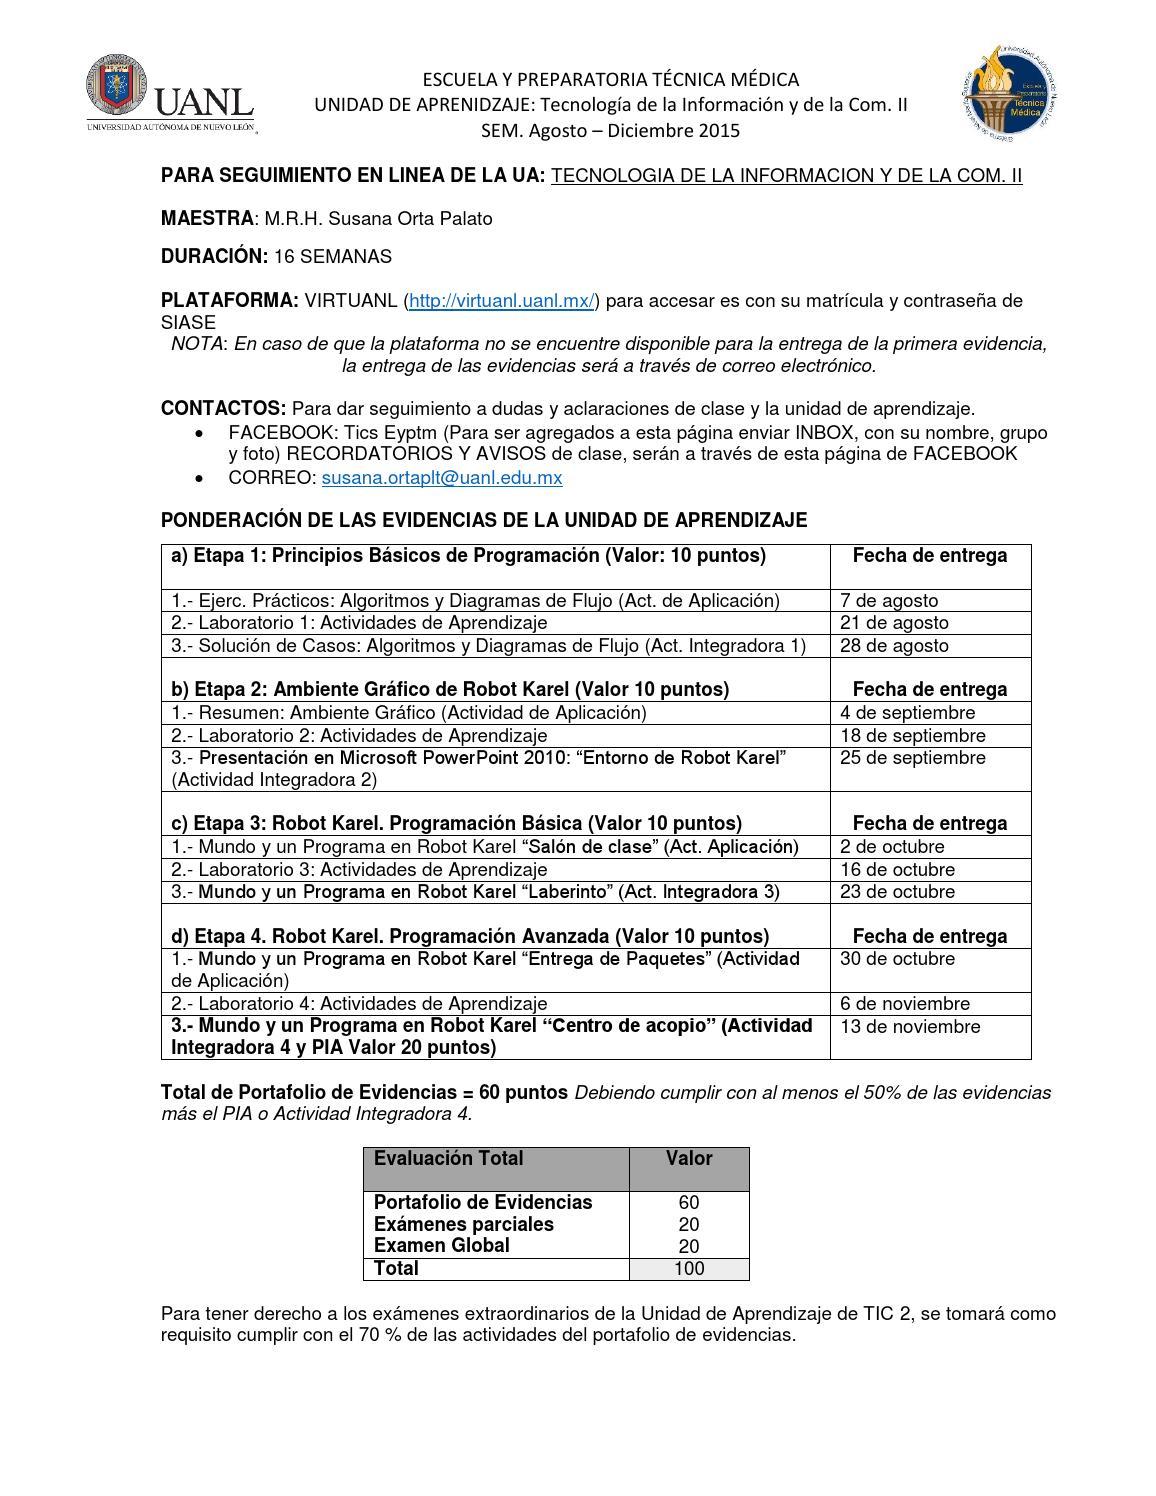 Tic 2 seguimiento en linea instrucciones ad2015 by Susana Orta - issuu